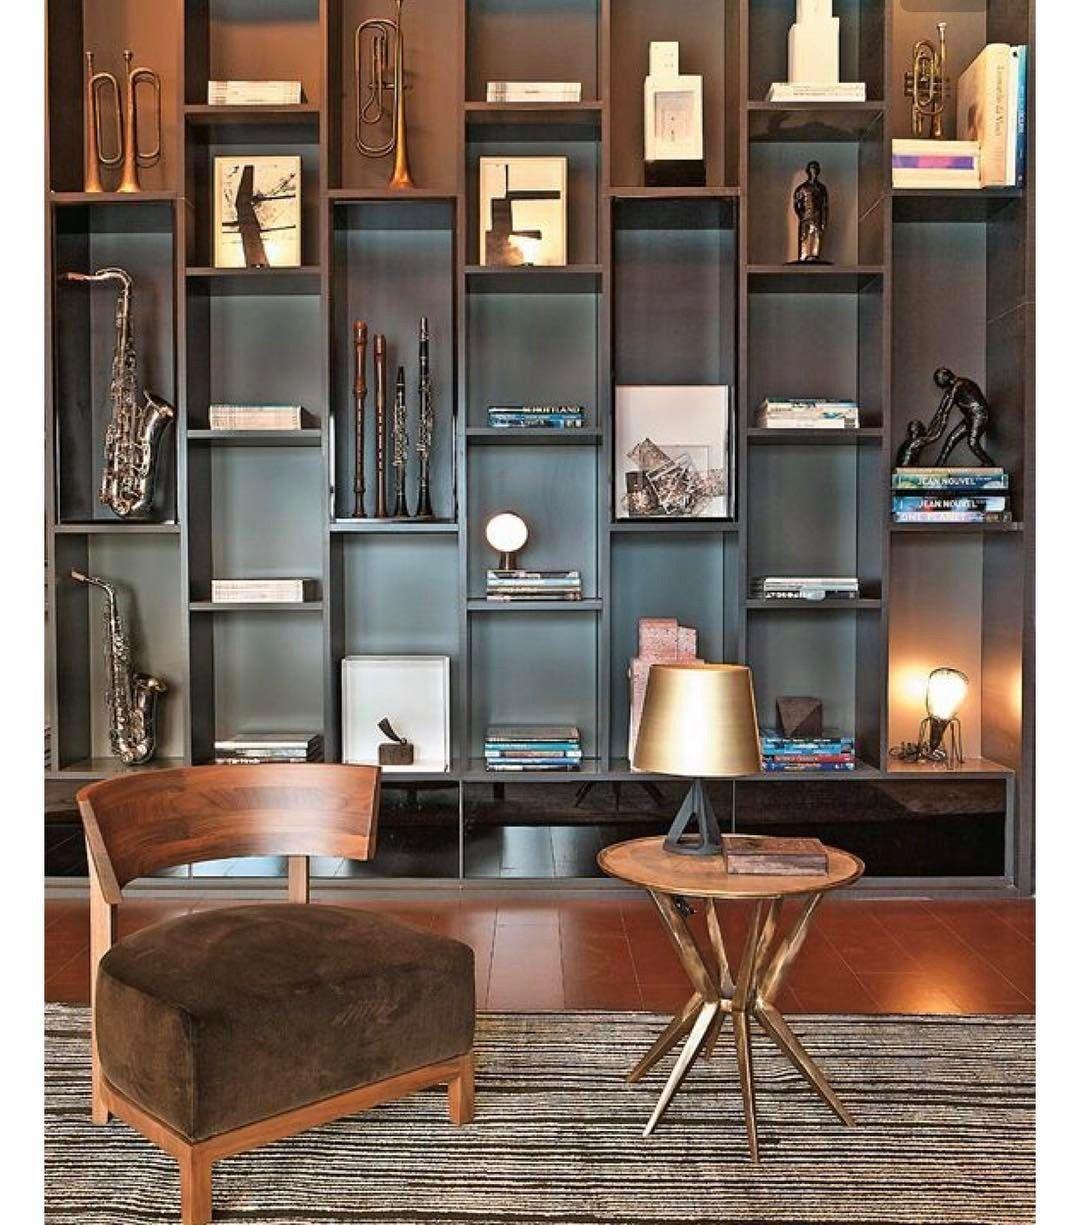 Escritorio Do Musico Adoro A Proposta Dos Nichos Desencontrados Interior Interior Design Home